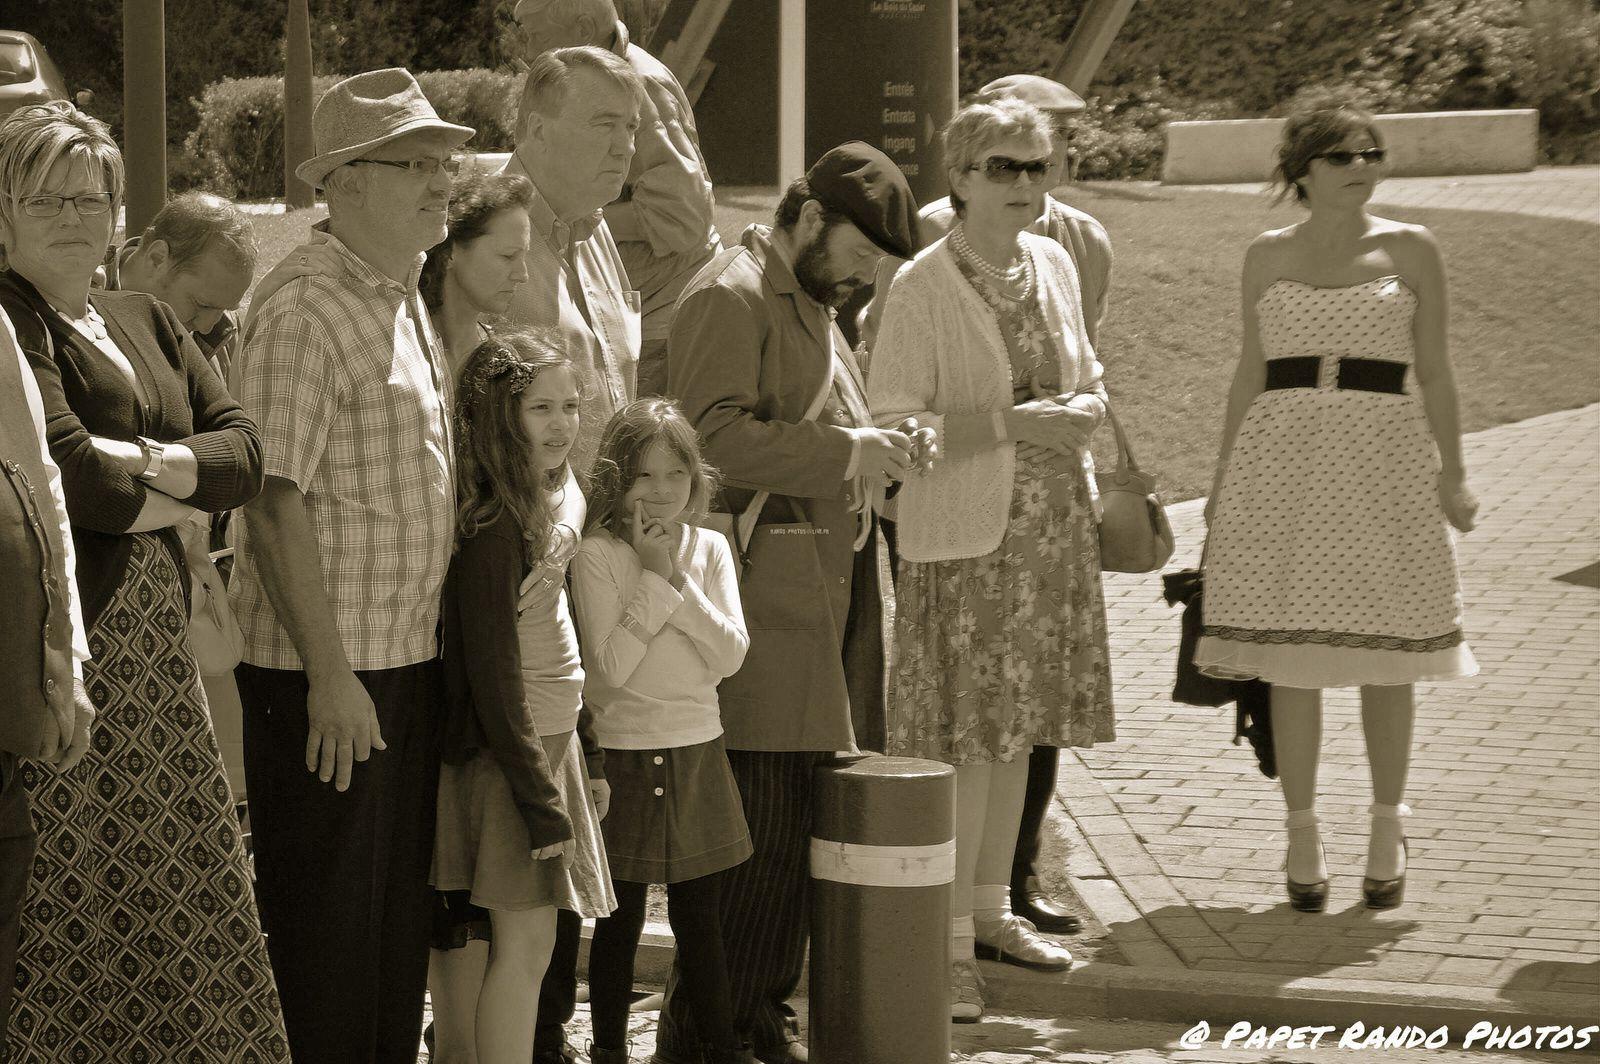 Pendant 3 jours au Bois du Cazier retour an 1956, Déjà 60 ans , le 8 août  1956 terrible catastrophe minière ( j'avais 6 ans  & je me souviens, j'habitais un petit village Heppignies, tout le village était sur la place , devant le café un des seul endroit ou il y avait une TV  (oui en 1956 il n'y avait que les riches ou les cafés qui pouvaient s'offrir une TV, en ce temps la nous prenions notre bain dans une bassine